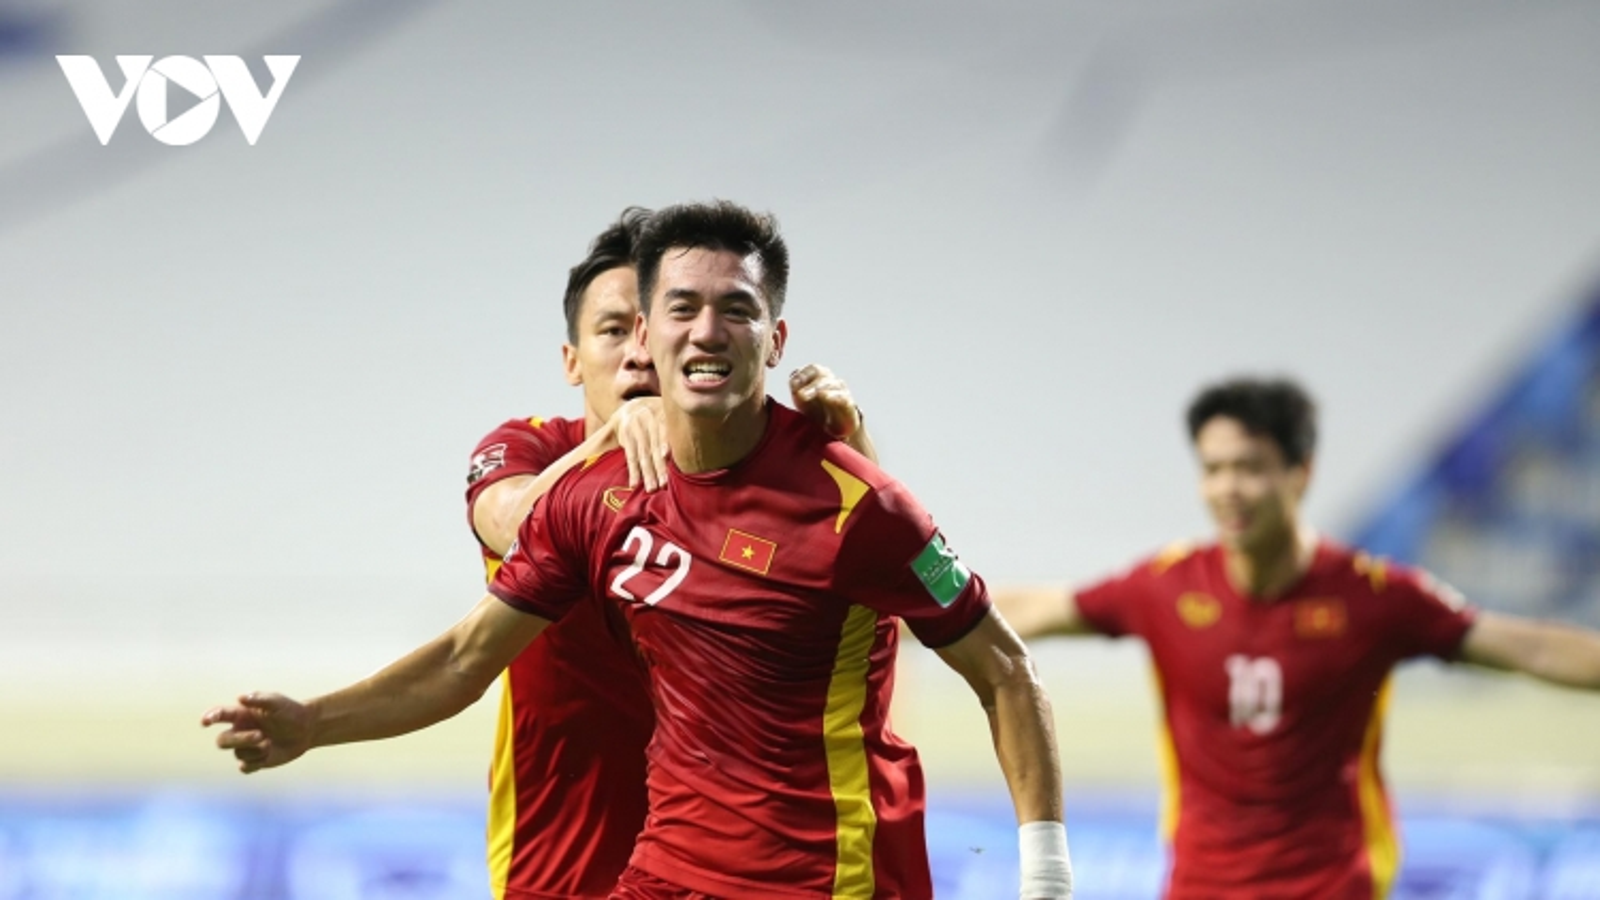 """HLV Park Hang Seo: """"ĐT Việt Nam sẽ giữ được chiến thuật để thắng UAE"""""""